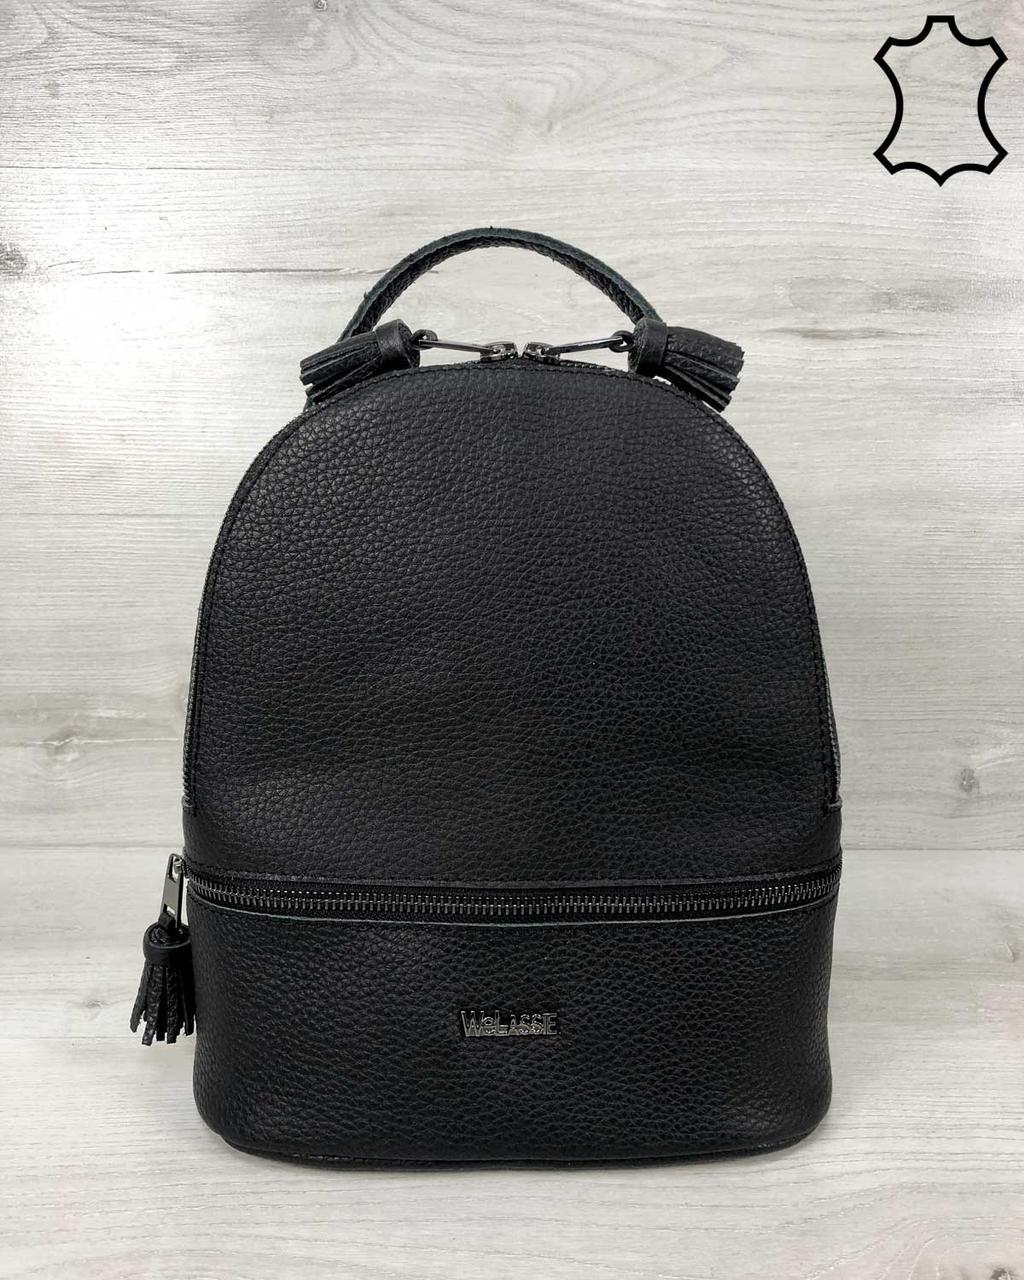 Кожаный стильный молодежный сумка-рюкзак женский городской повседневный «Rashel» черный